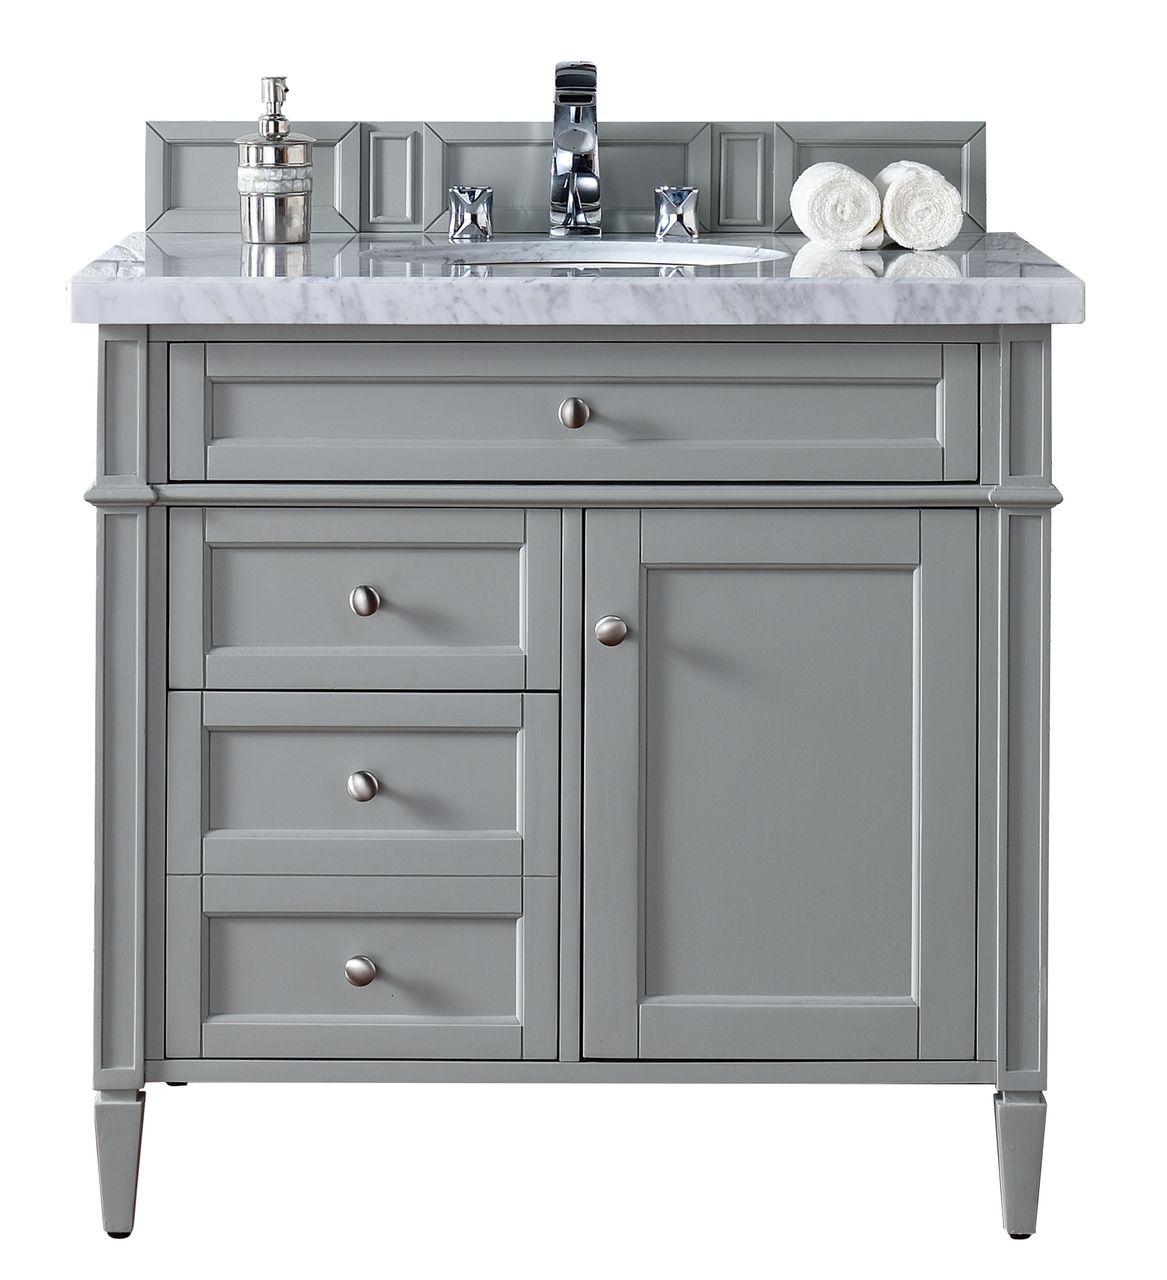 Best 25+ Single Bathroom Vanity Ideas On Pinterest  Small Bathroom Vanities,  24 Bathroom Vanity And Vessel Sink Vanity